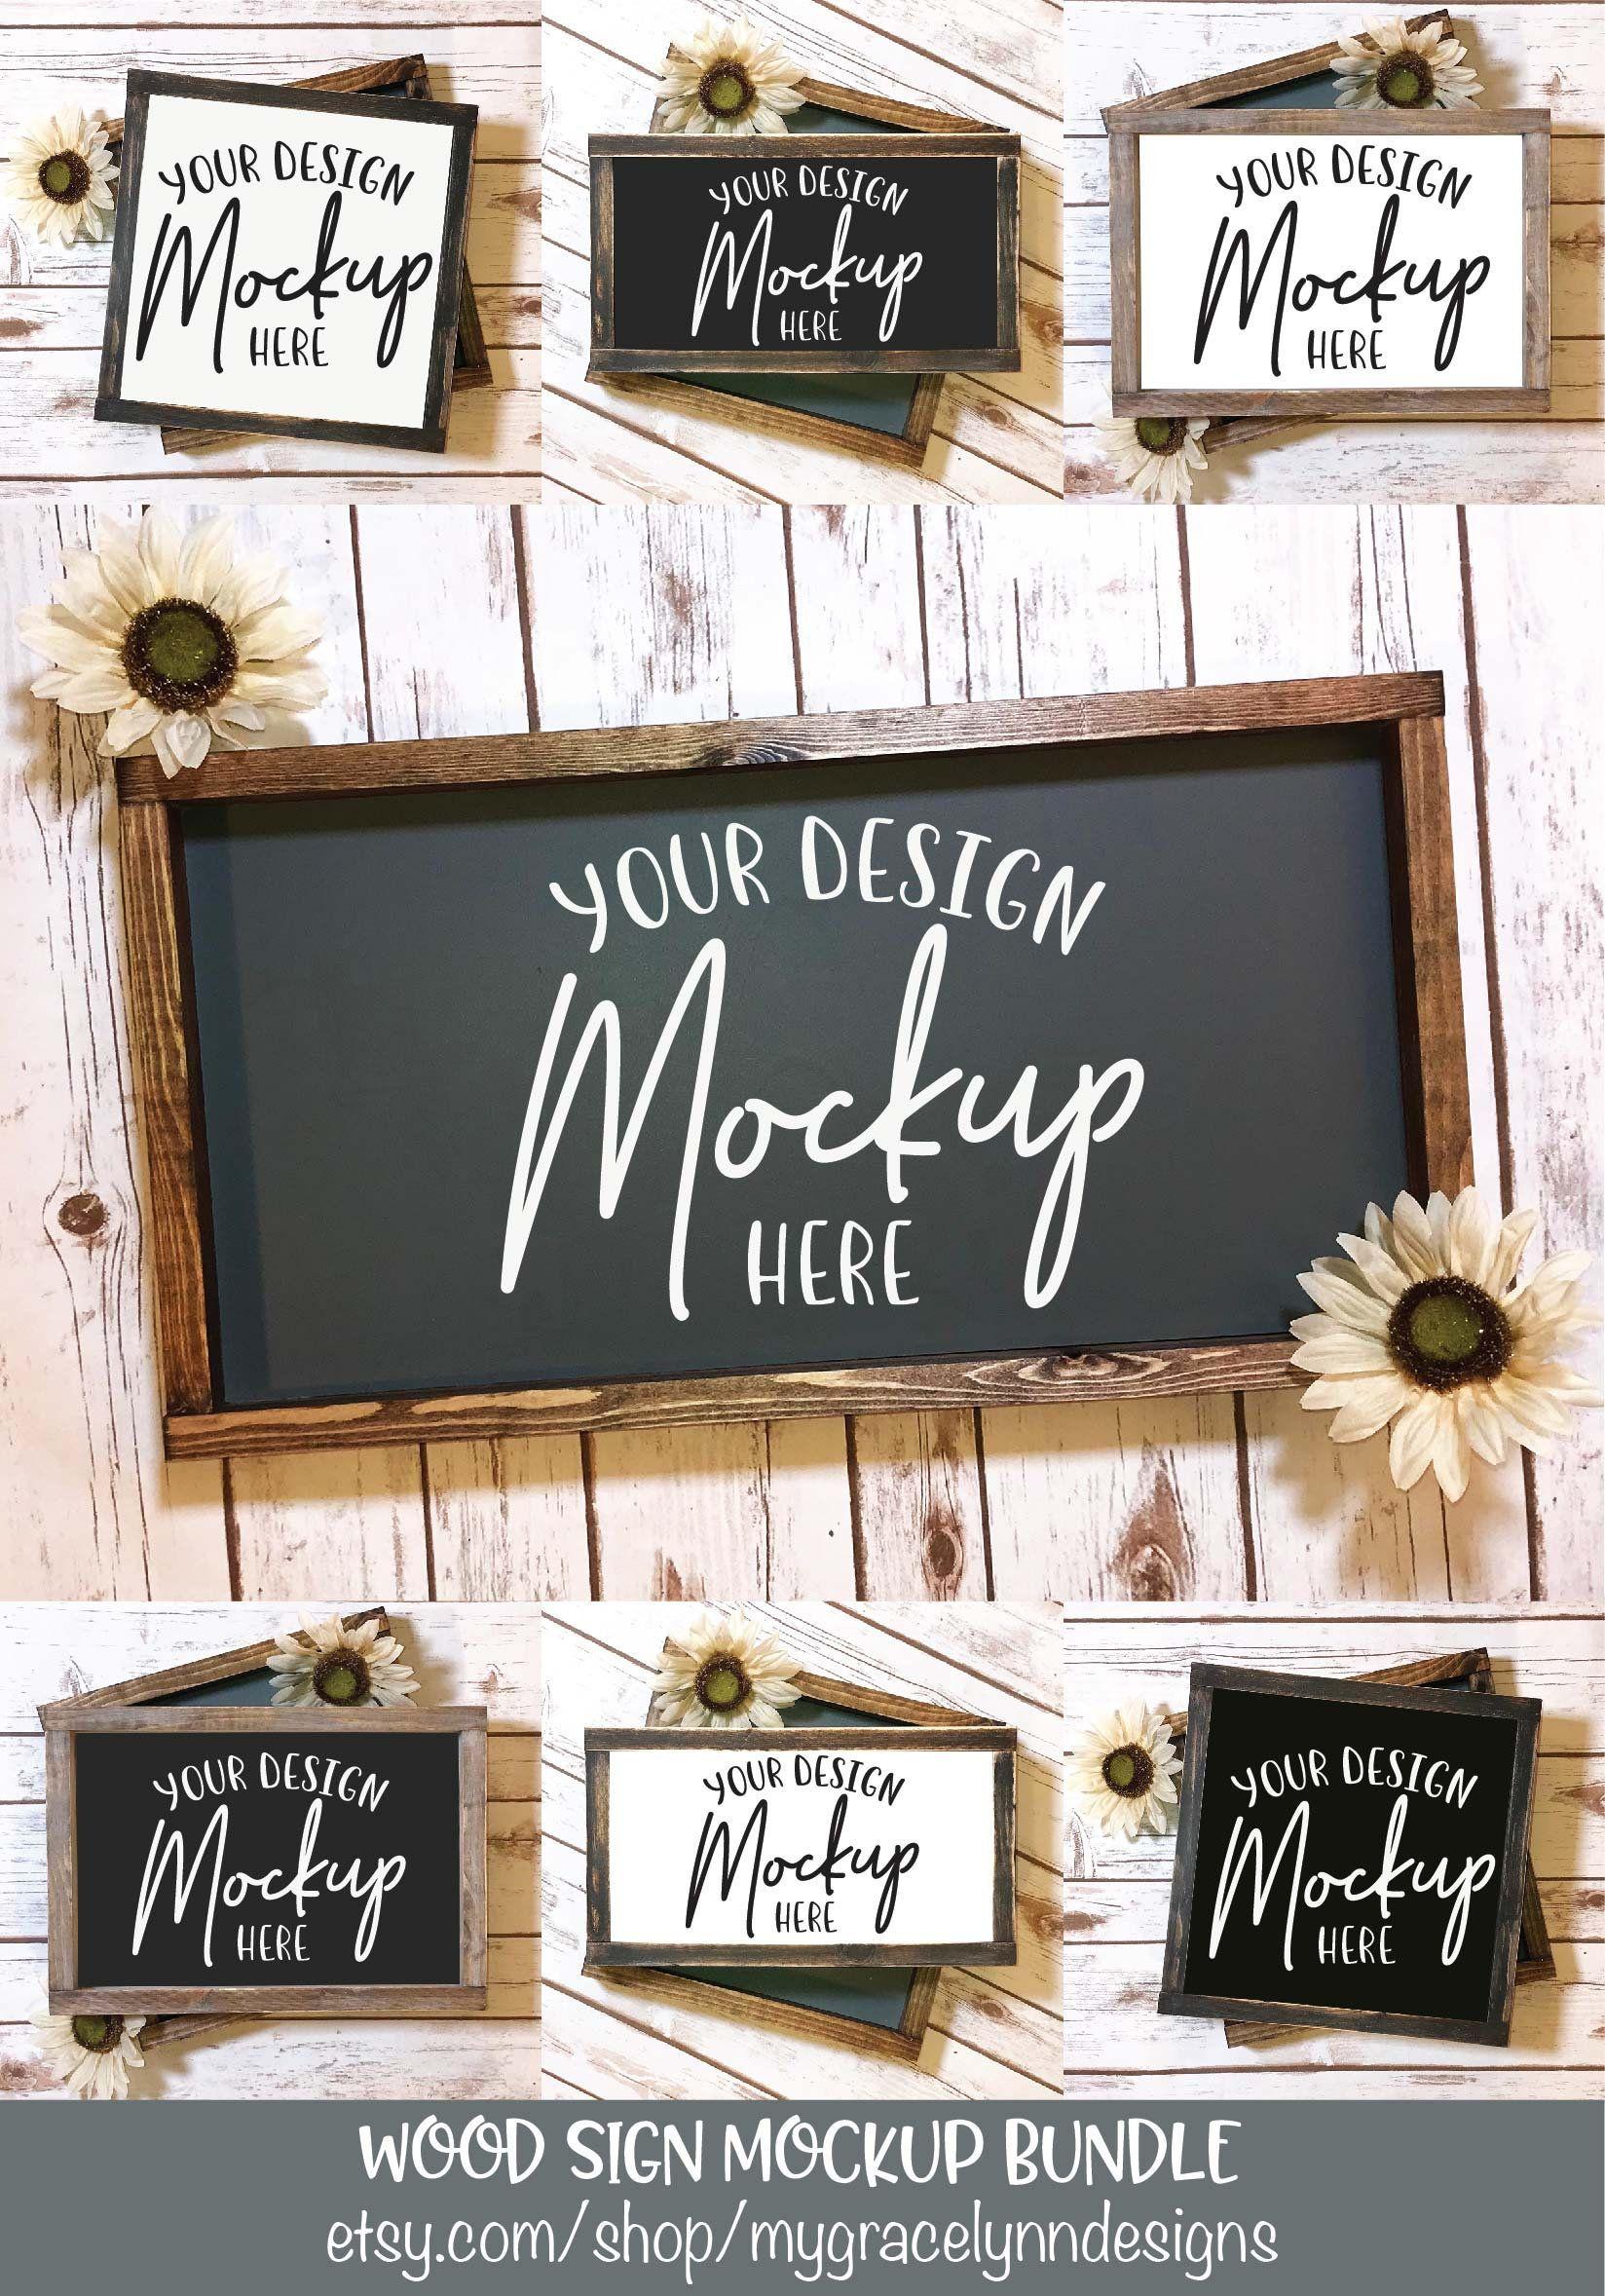 Wood Sign Mockup Bundle Digital Mock Ups 7 Sign Mockups Etsy Sign Mockup Wood Signs Shop Sign Design